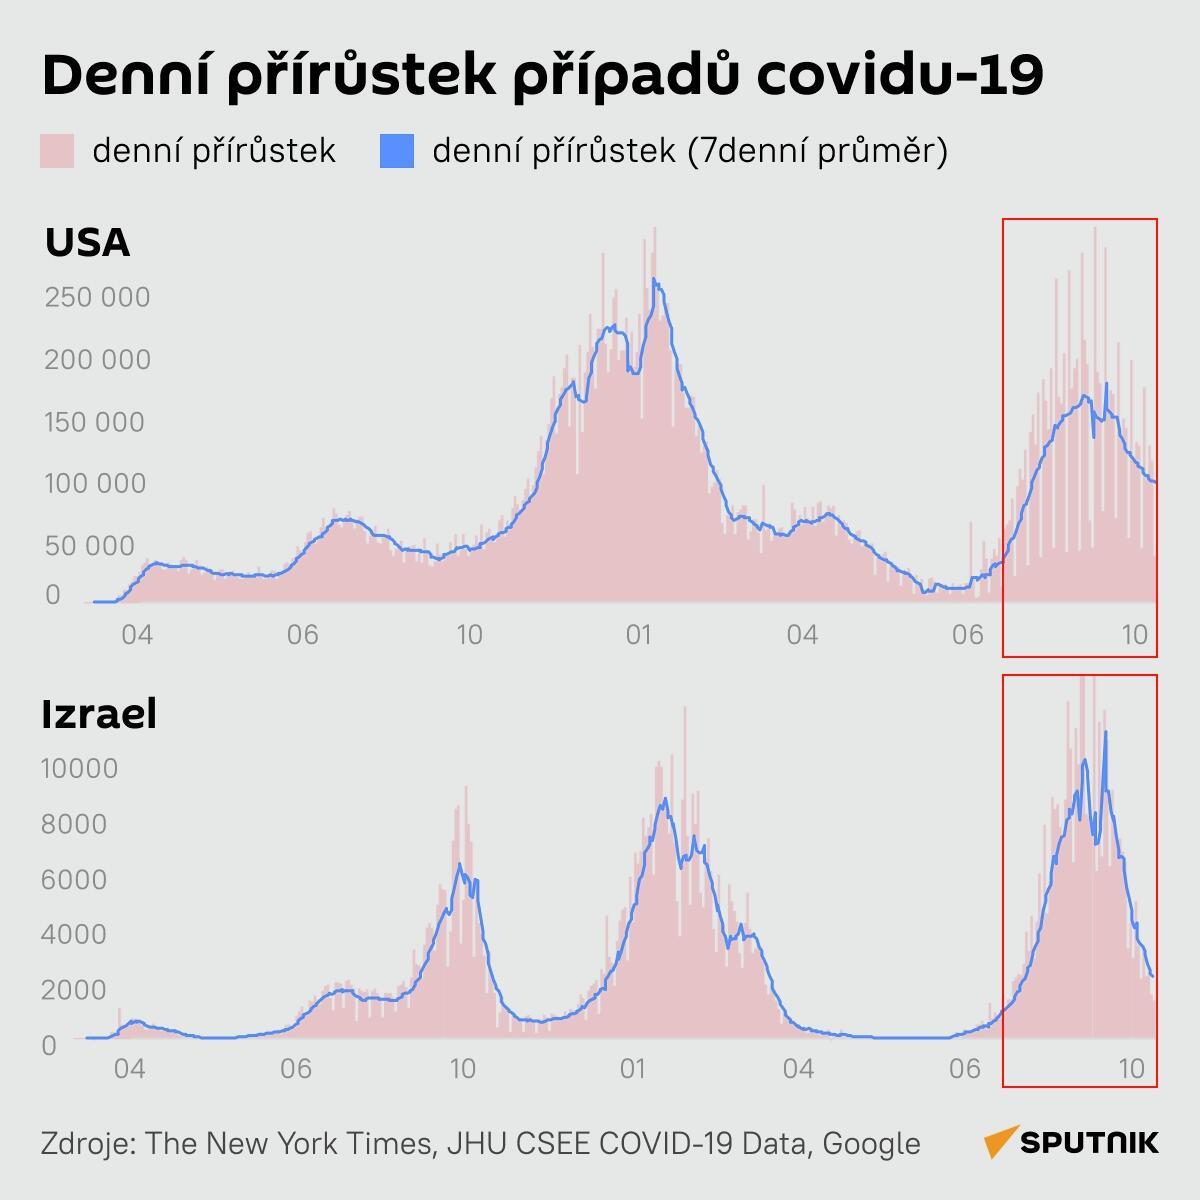 Denní přírůstek případů covidu-19 - Sputnik Česká republika